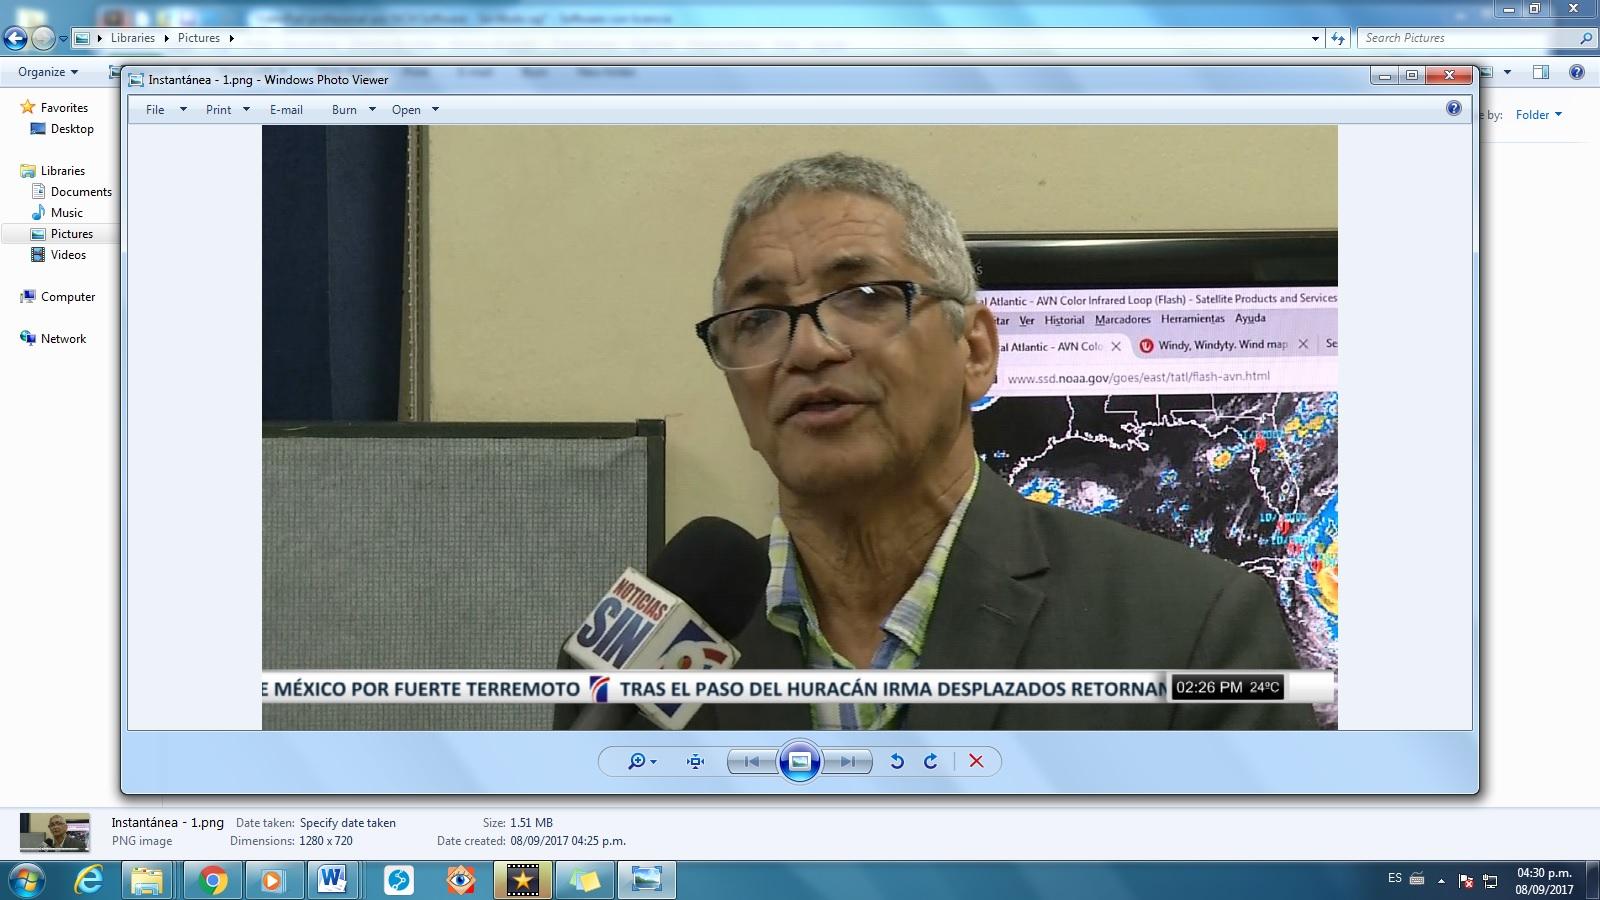 Canciller Miguel Vargas instruye cónsules asistir dominicanos residentes en islas caribeñas por huracán Irma